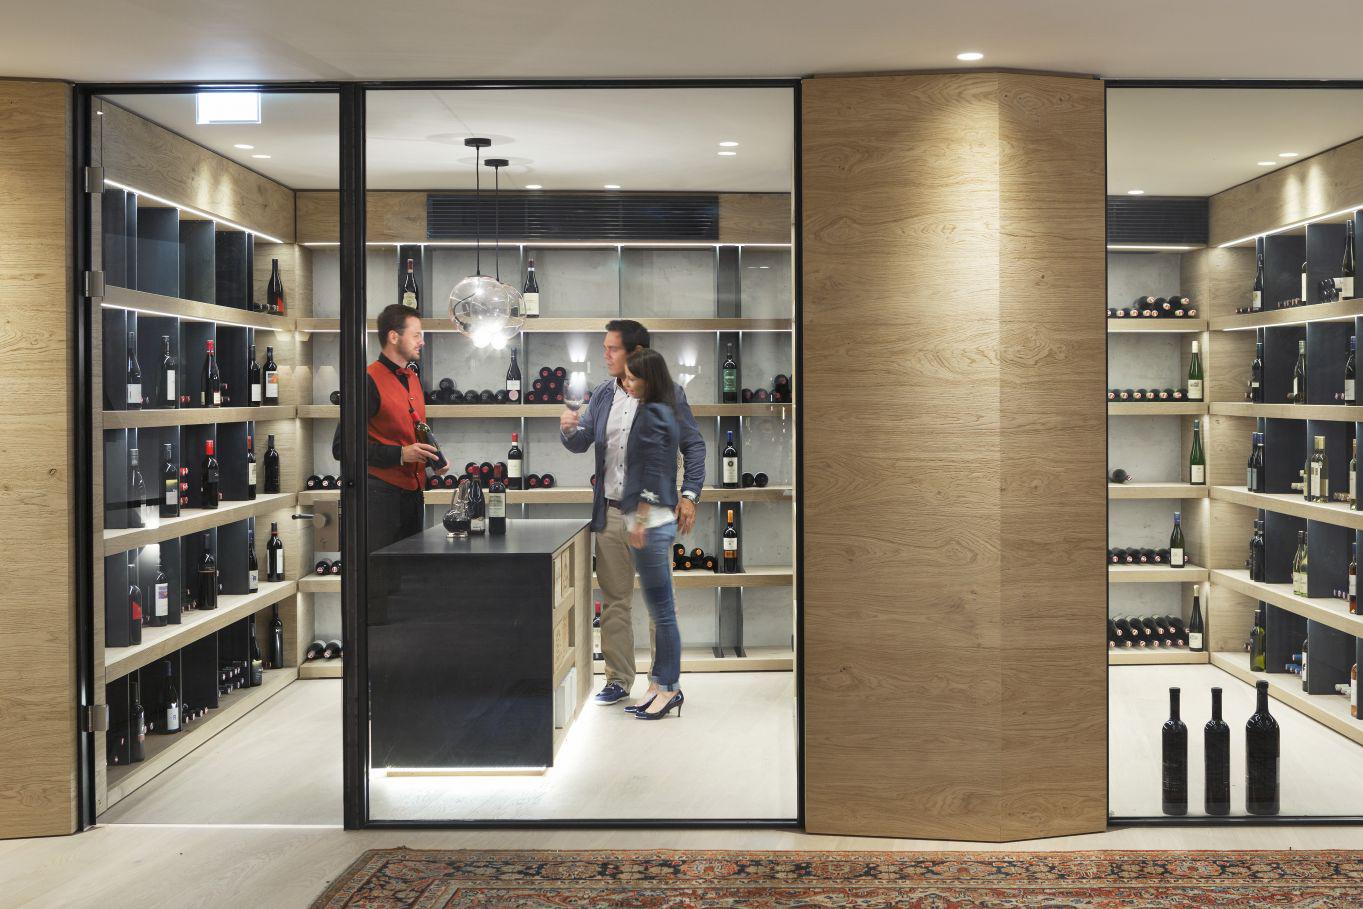 Zeit für einen edlen Tropfen: Das ElisabethHotel bietet seinen Gästen eine eigene Weingalerie